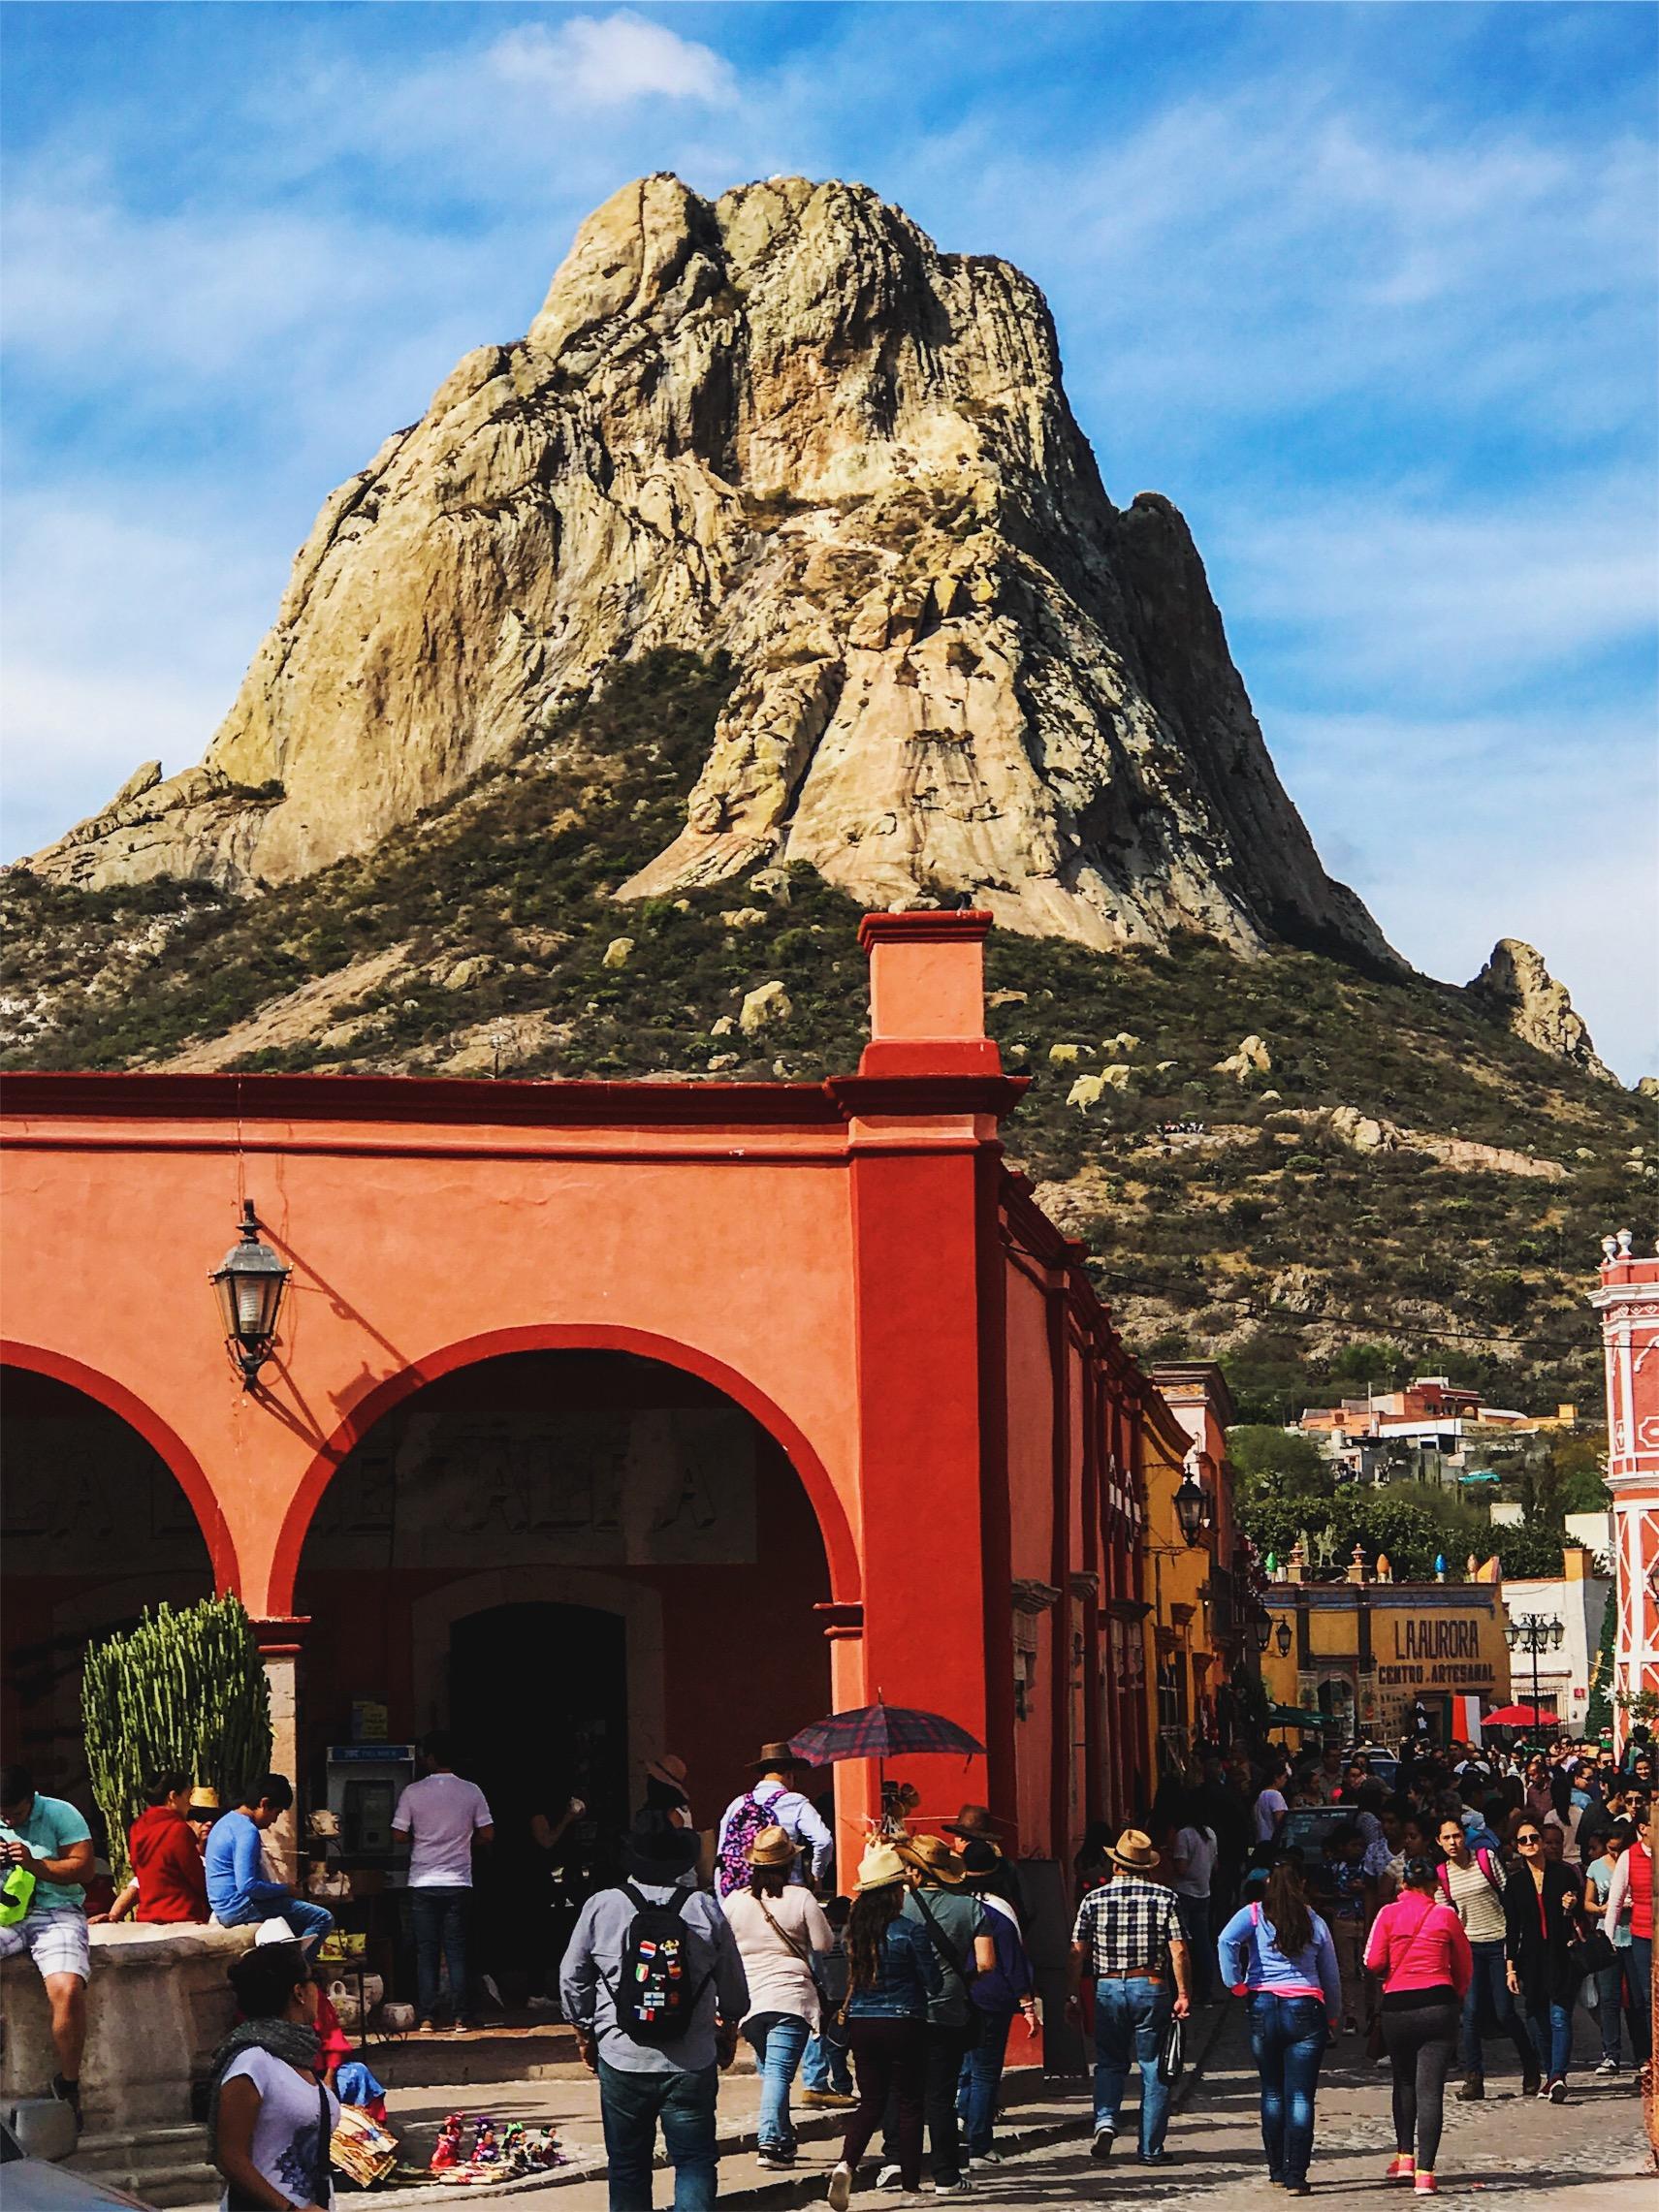 Bernal, Mexico